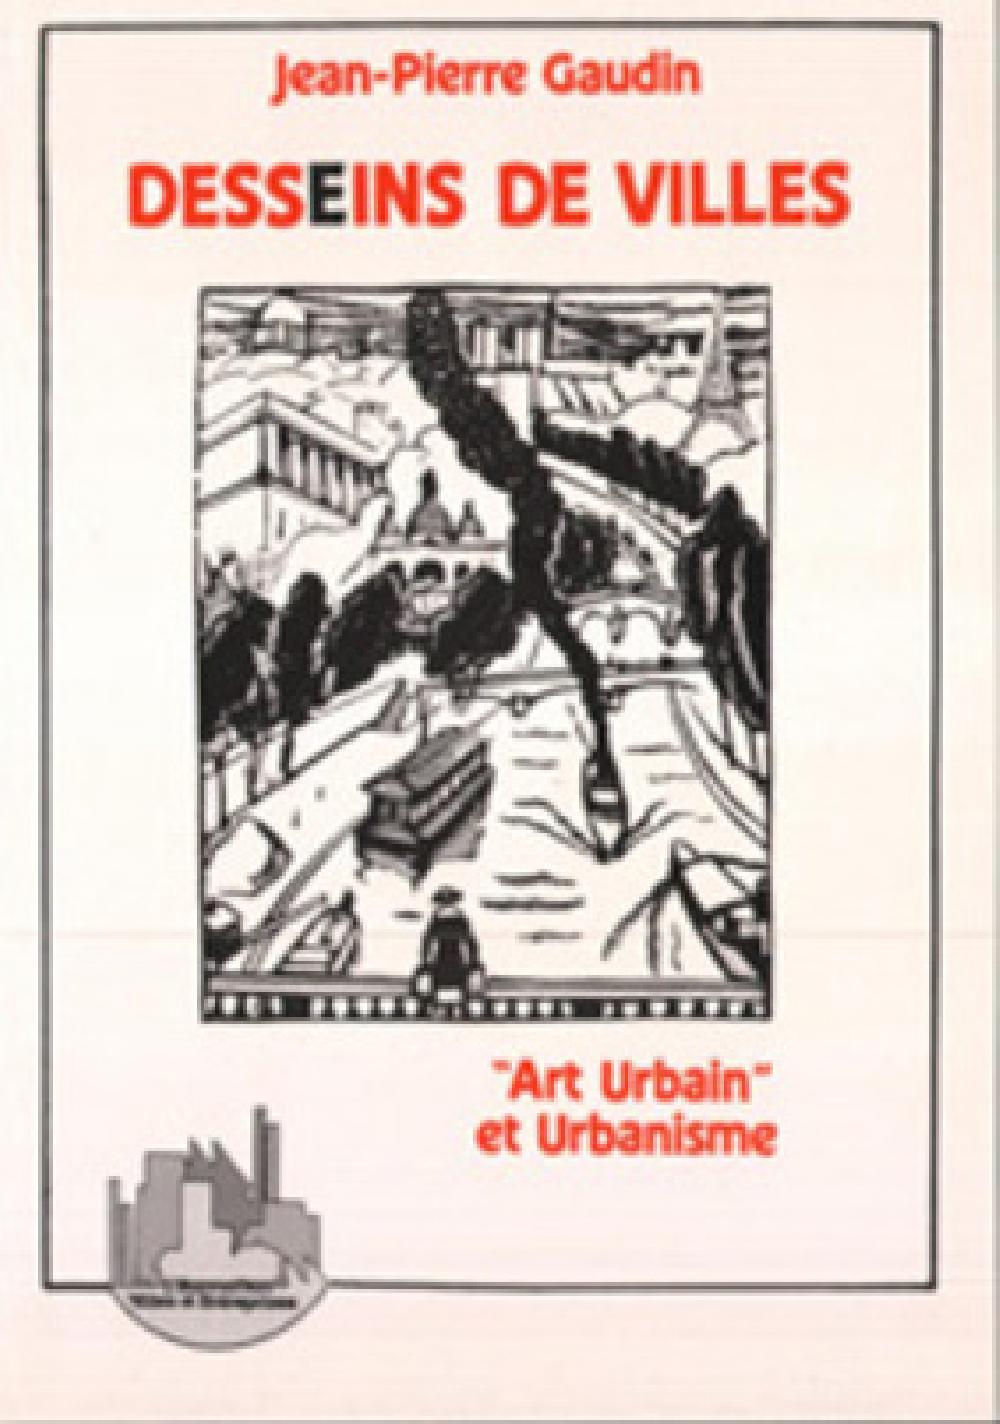 Desseins de villes ''Art urbain'' et Urbanisme